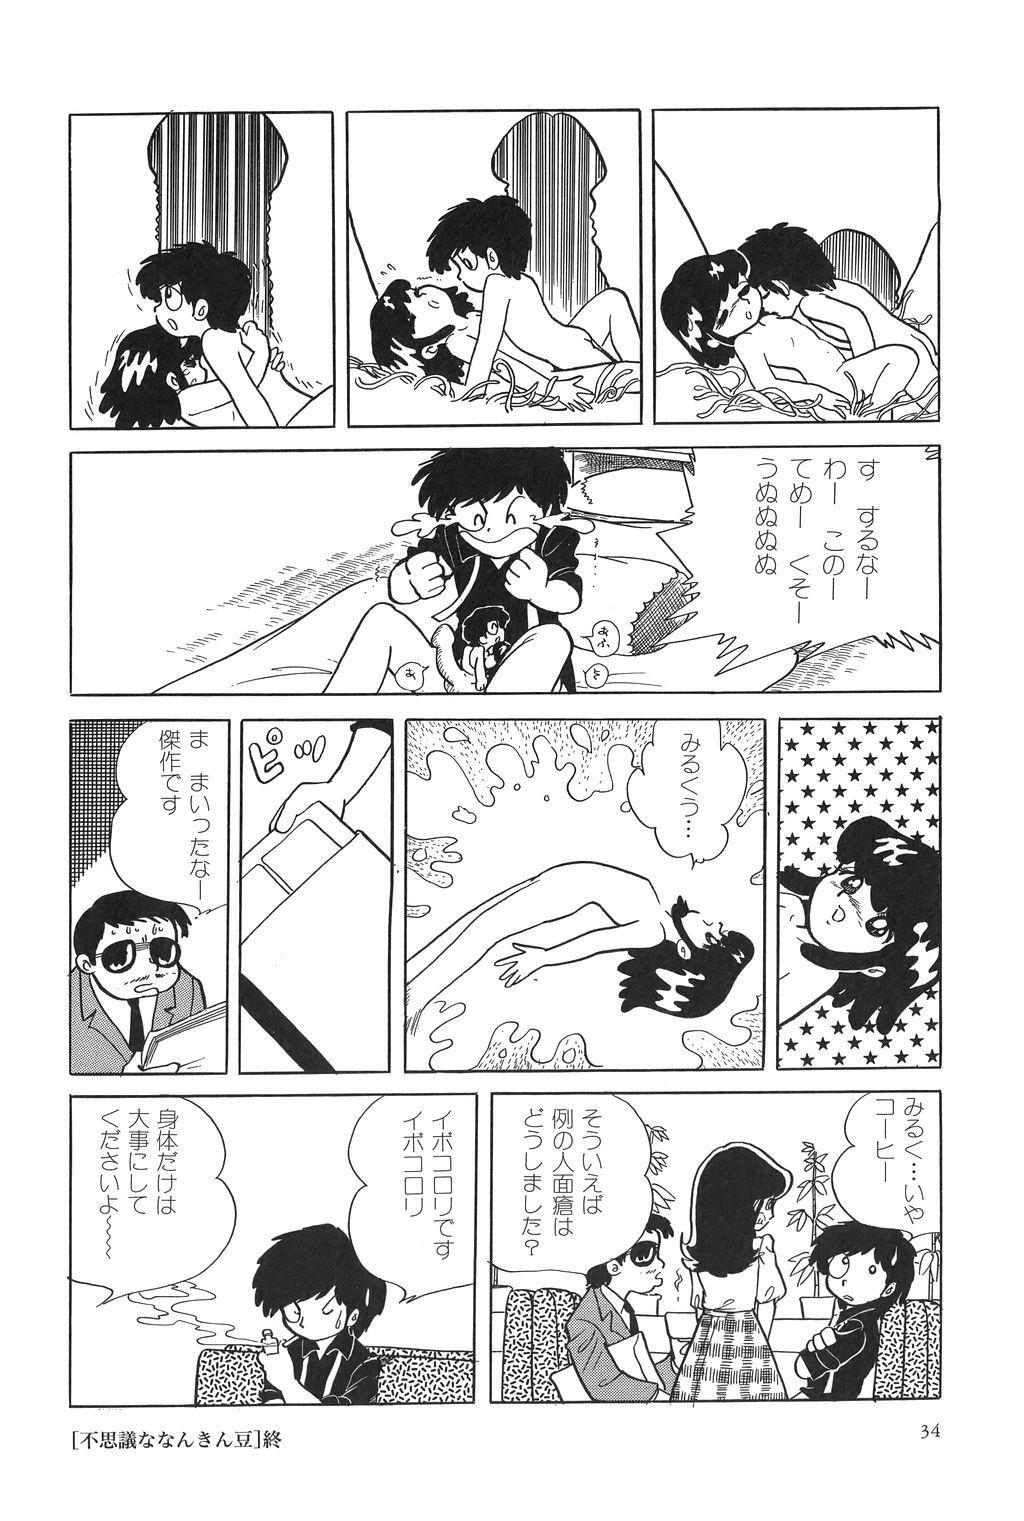 Azuma Hideo Sakuhin Shuusei - Yoru no Tobari no Naka de 38